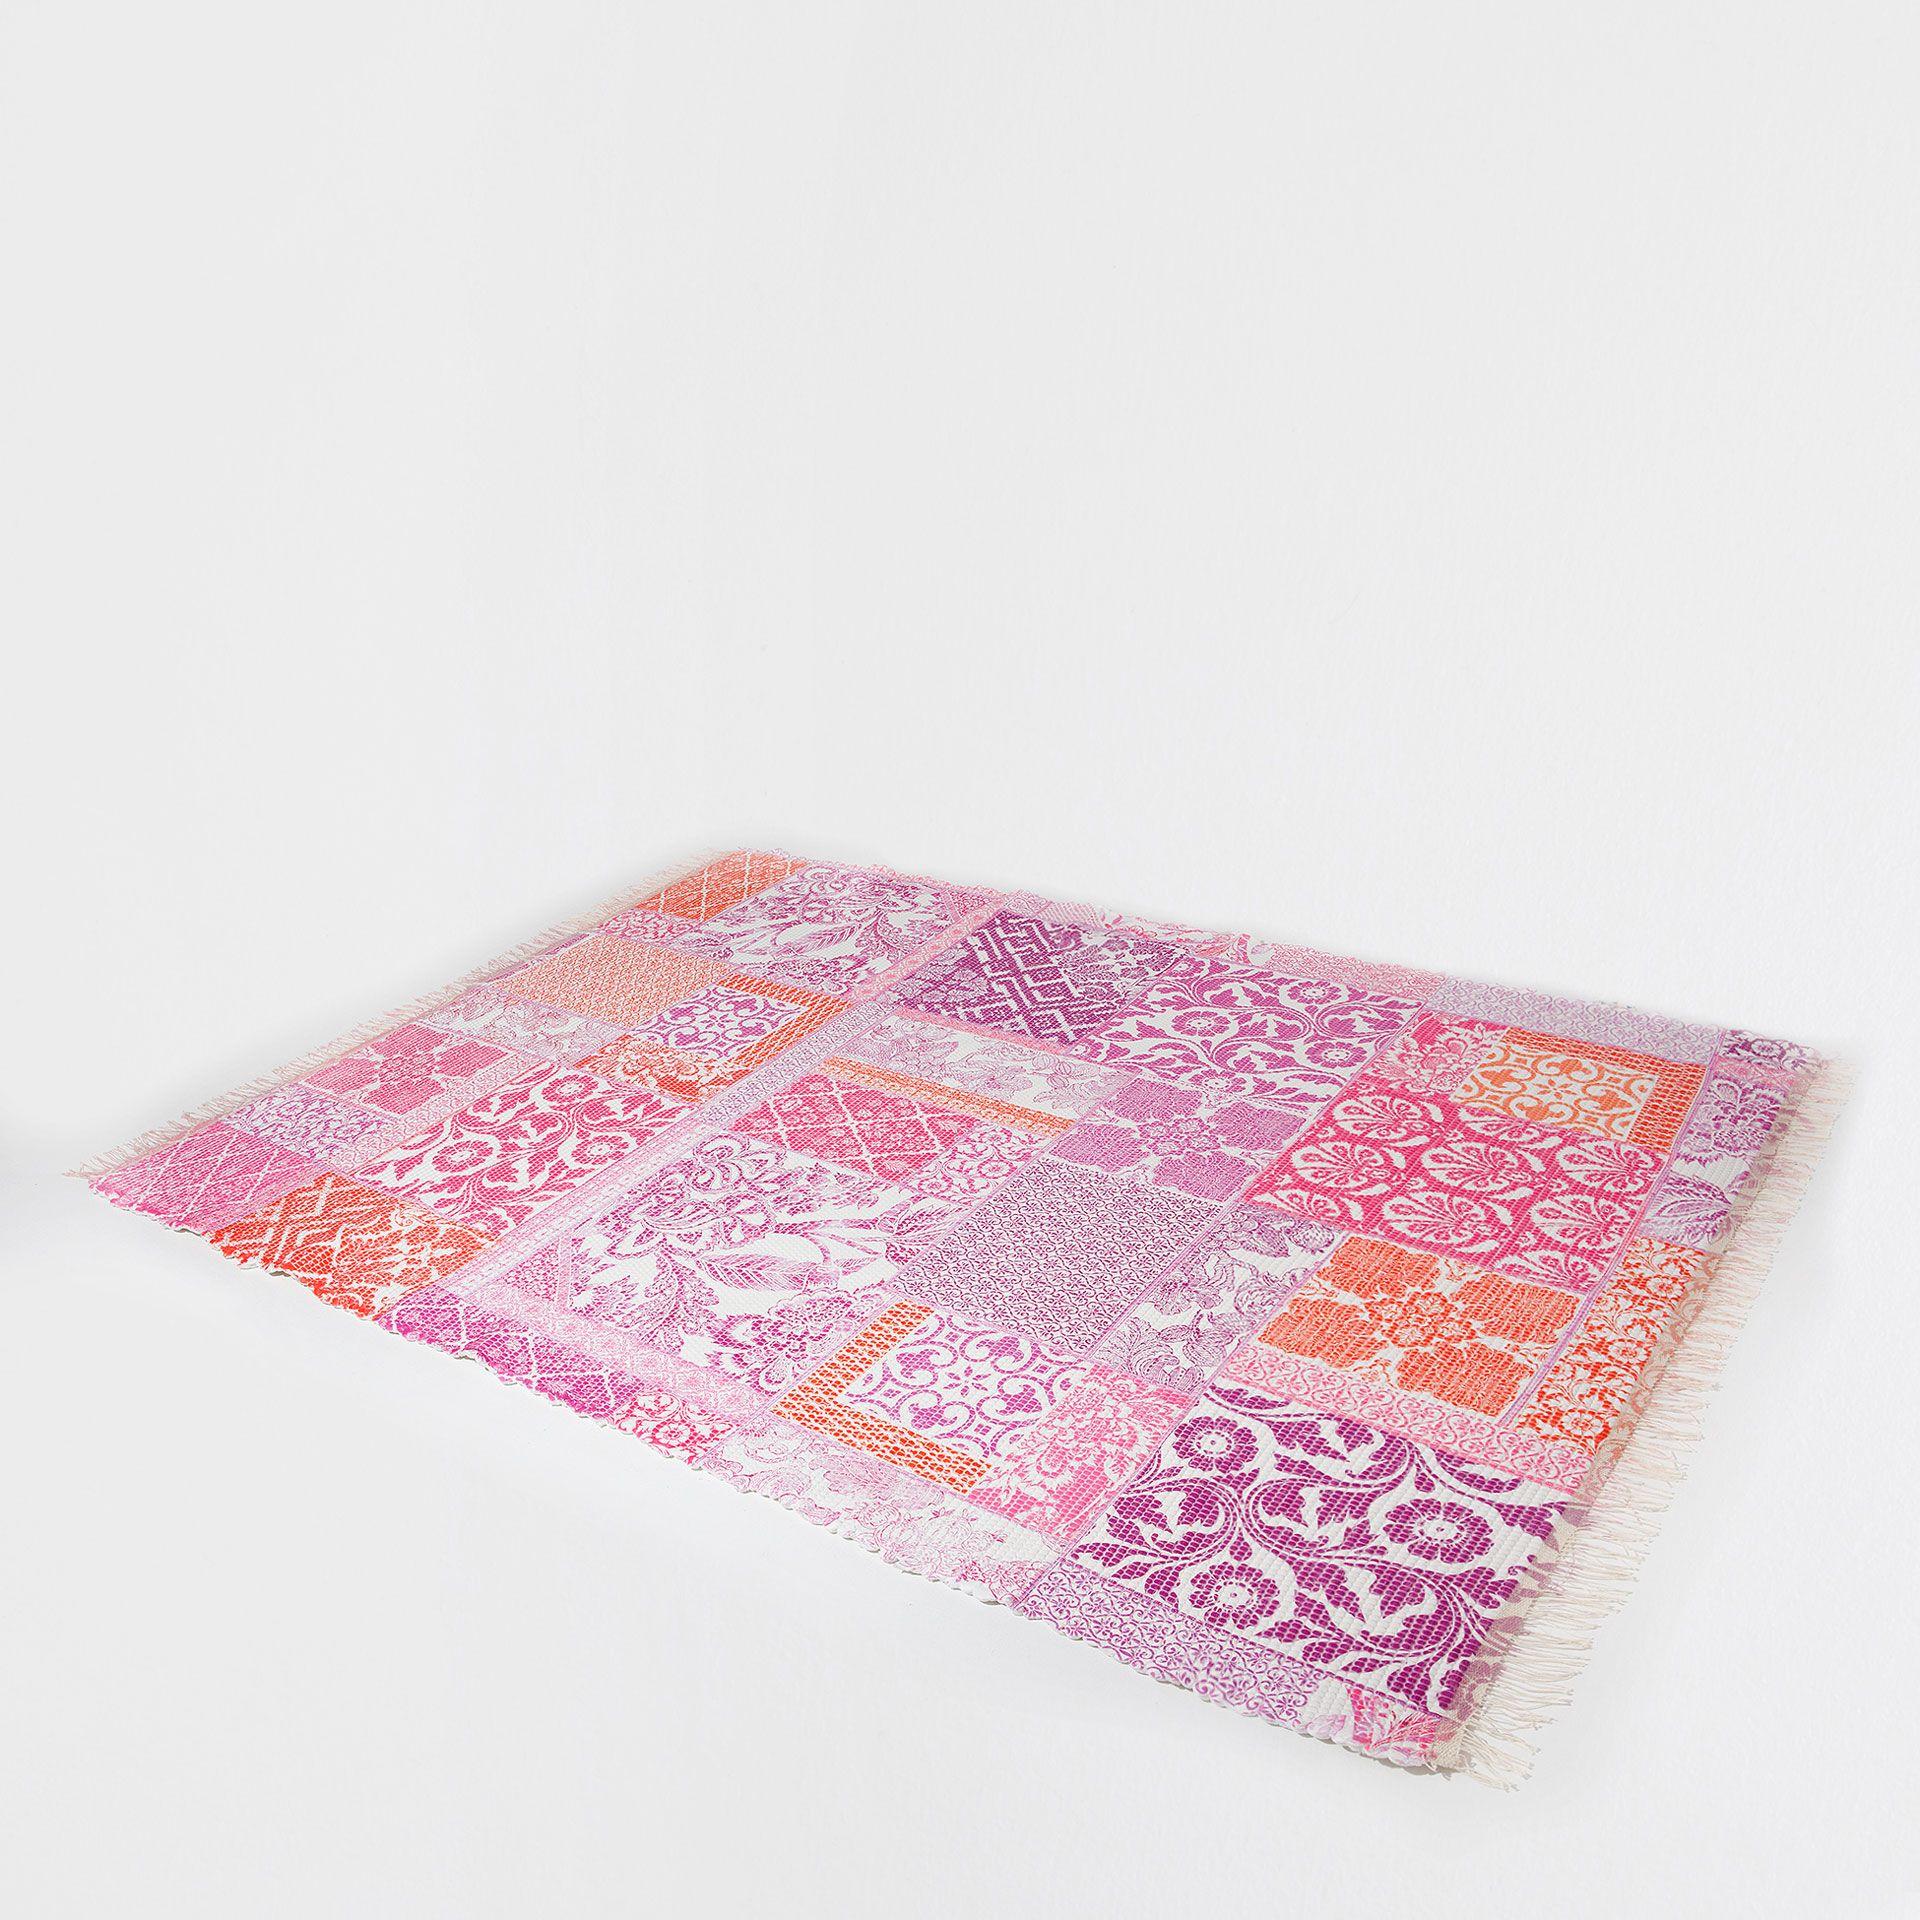 2018 年の「ピンクデジタルプリントカーペット - ラグ - インテリア小物